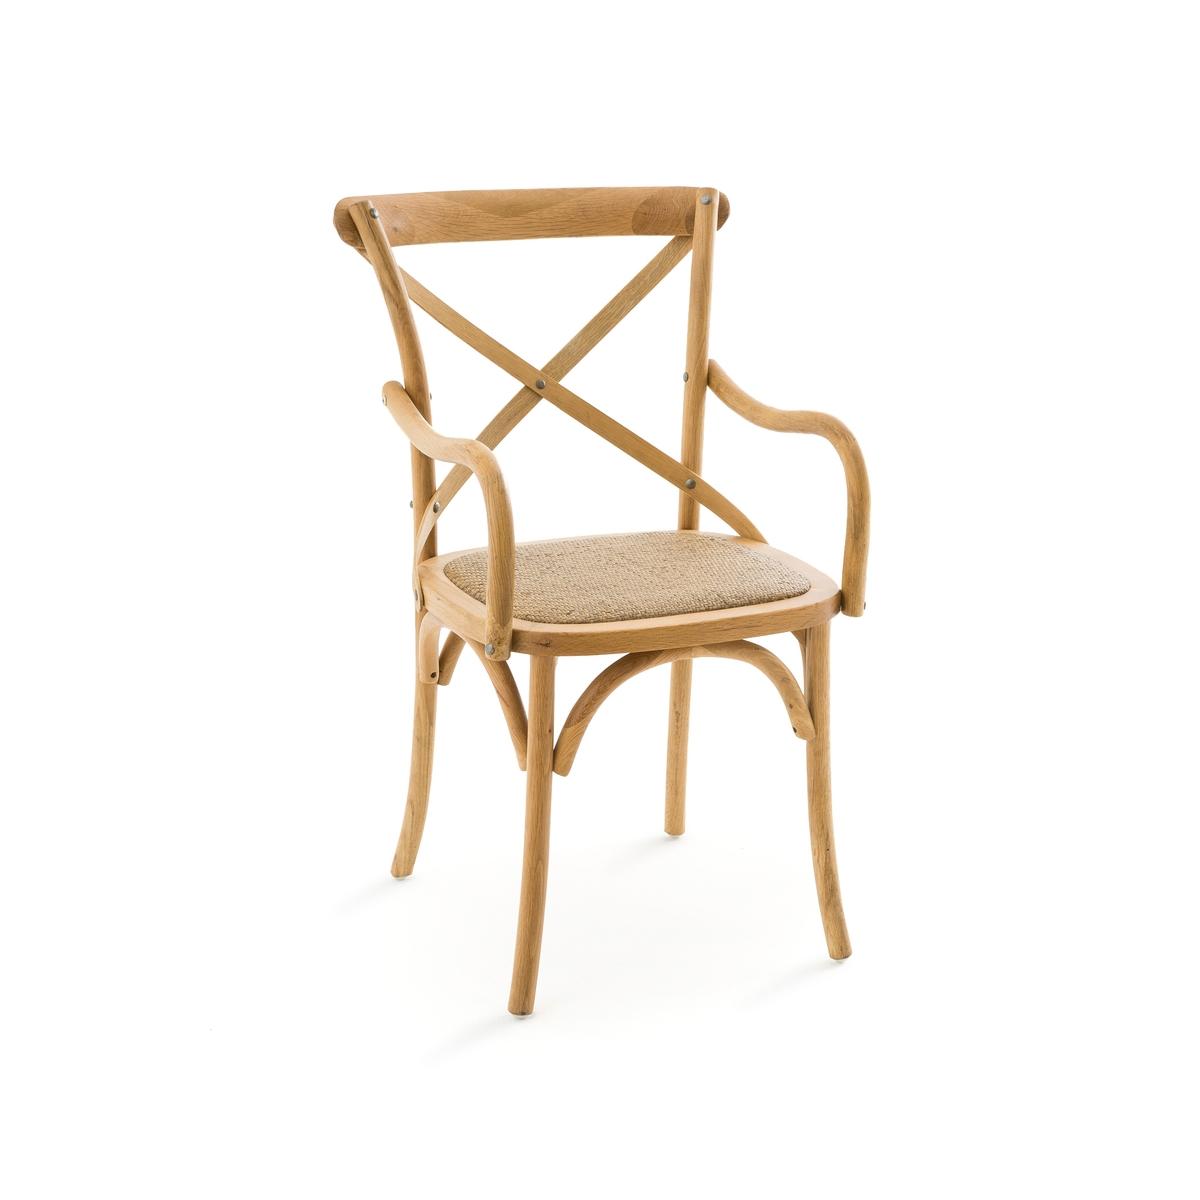 Кресло La Redoute Humphrey единый размер каштановый кружка la redoute из керамики sanna единый размер каштановый